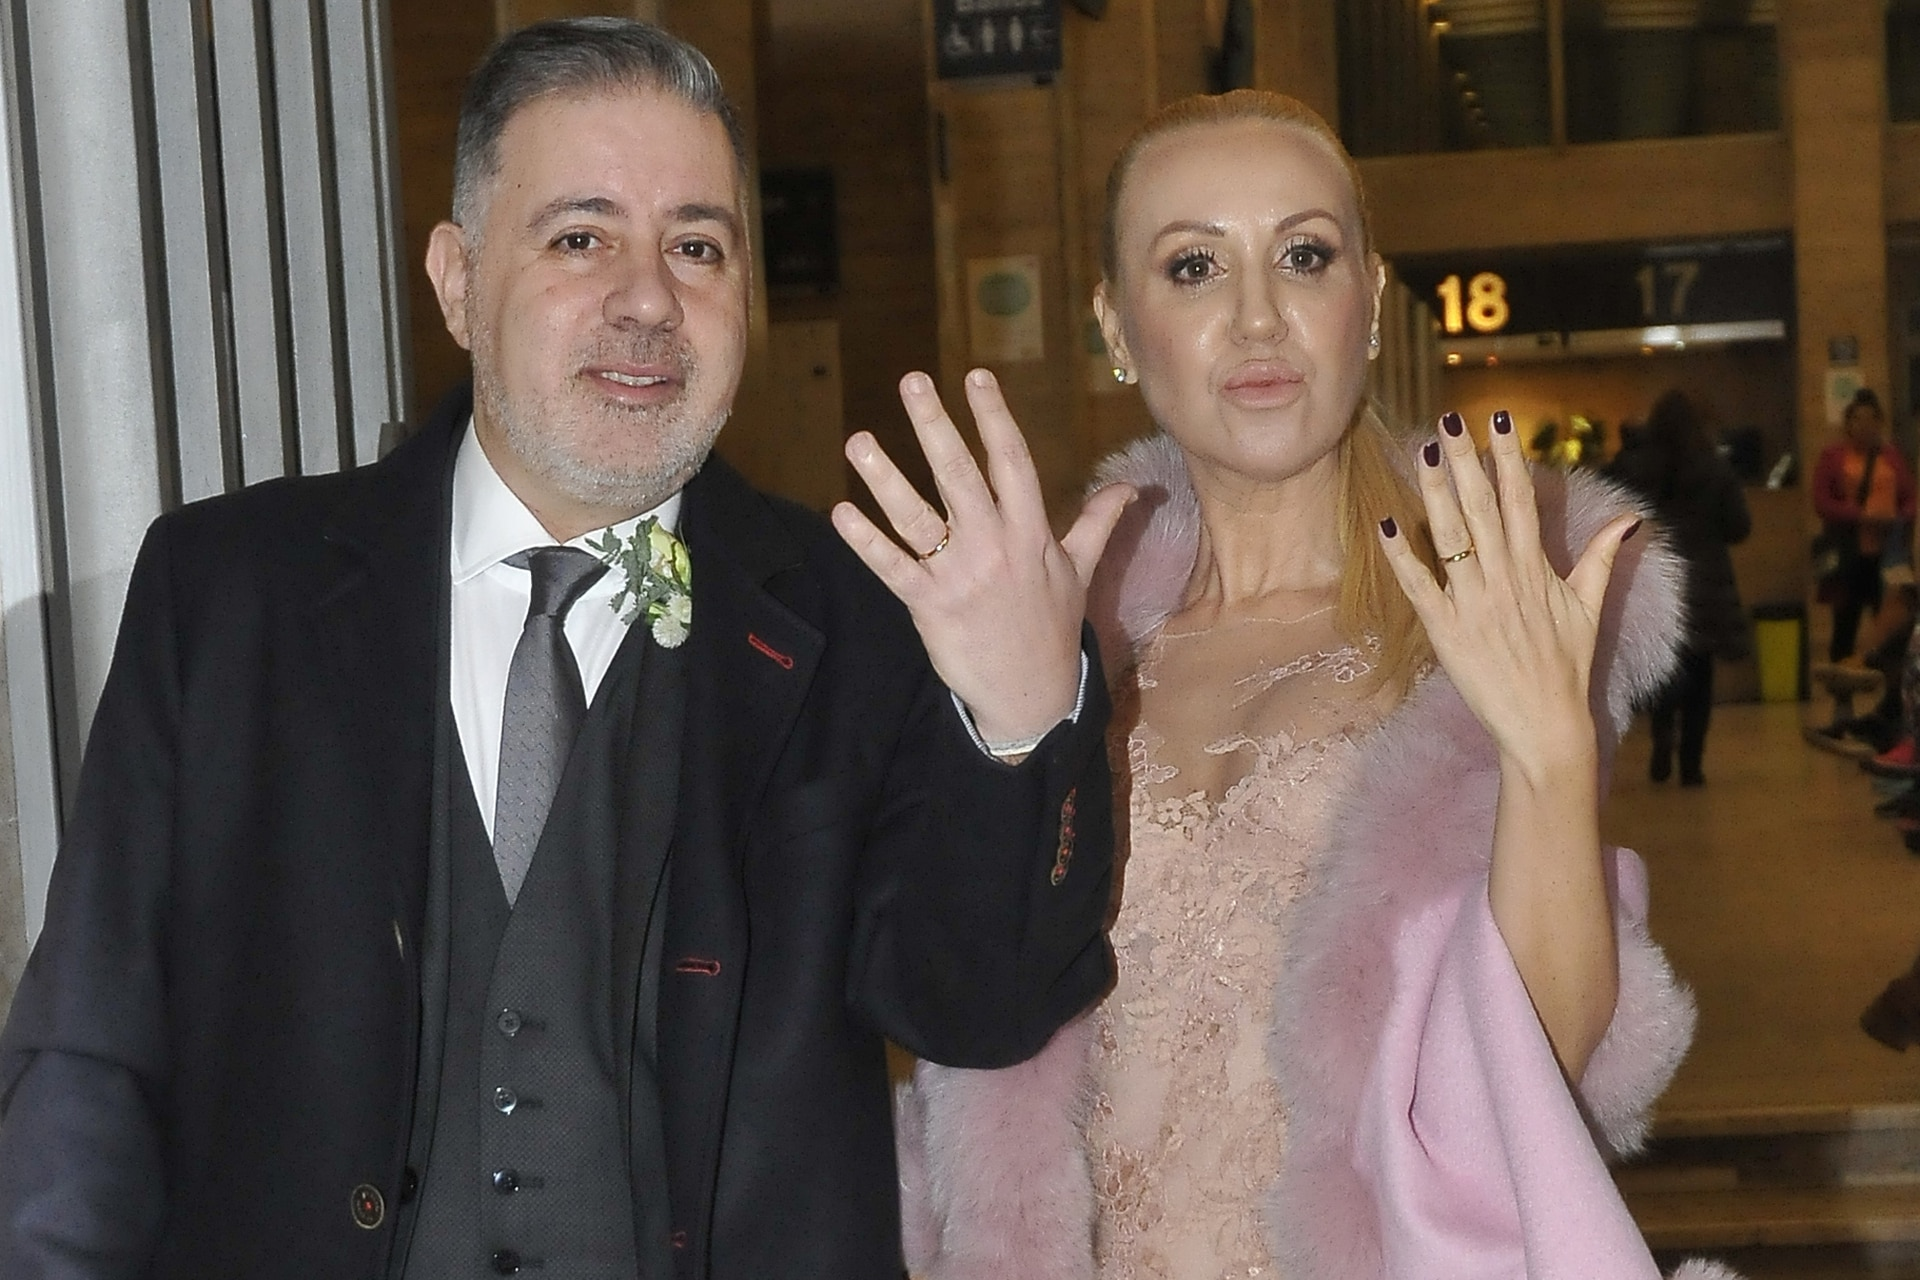 Fabián Doman y María Laura de Lillo muestran sus alianzas en la fiesta de bodas en el Hotel Alvear de Buenos Aires